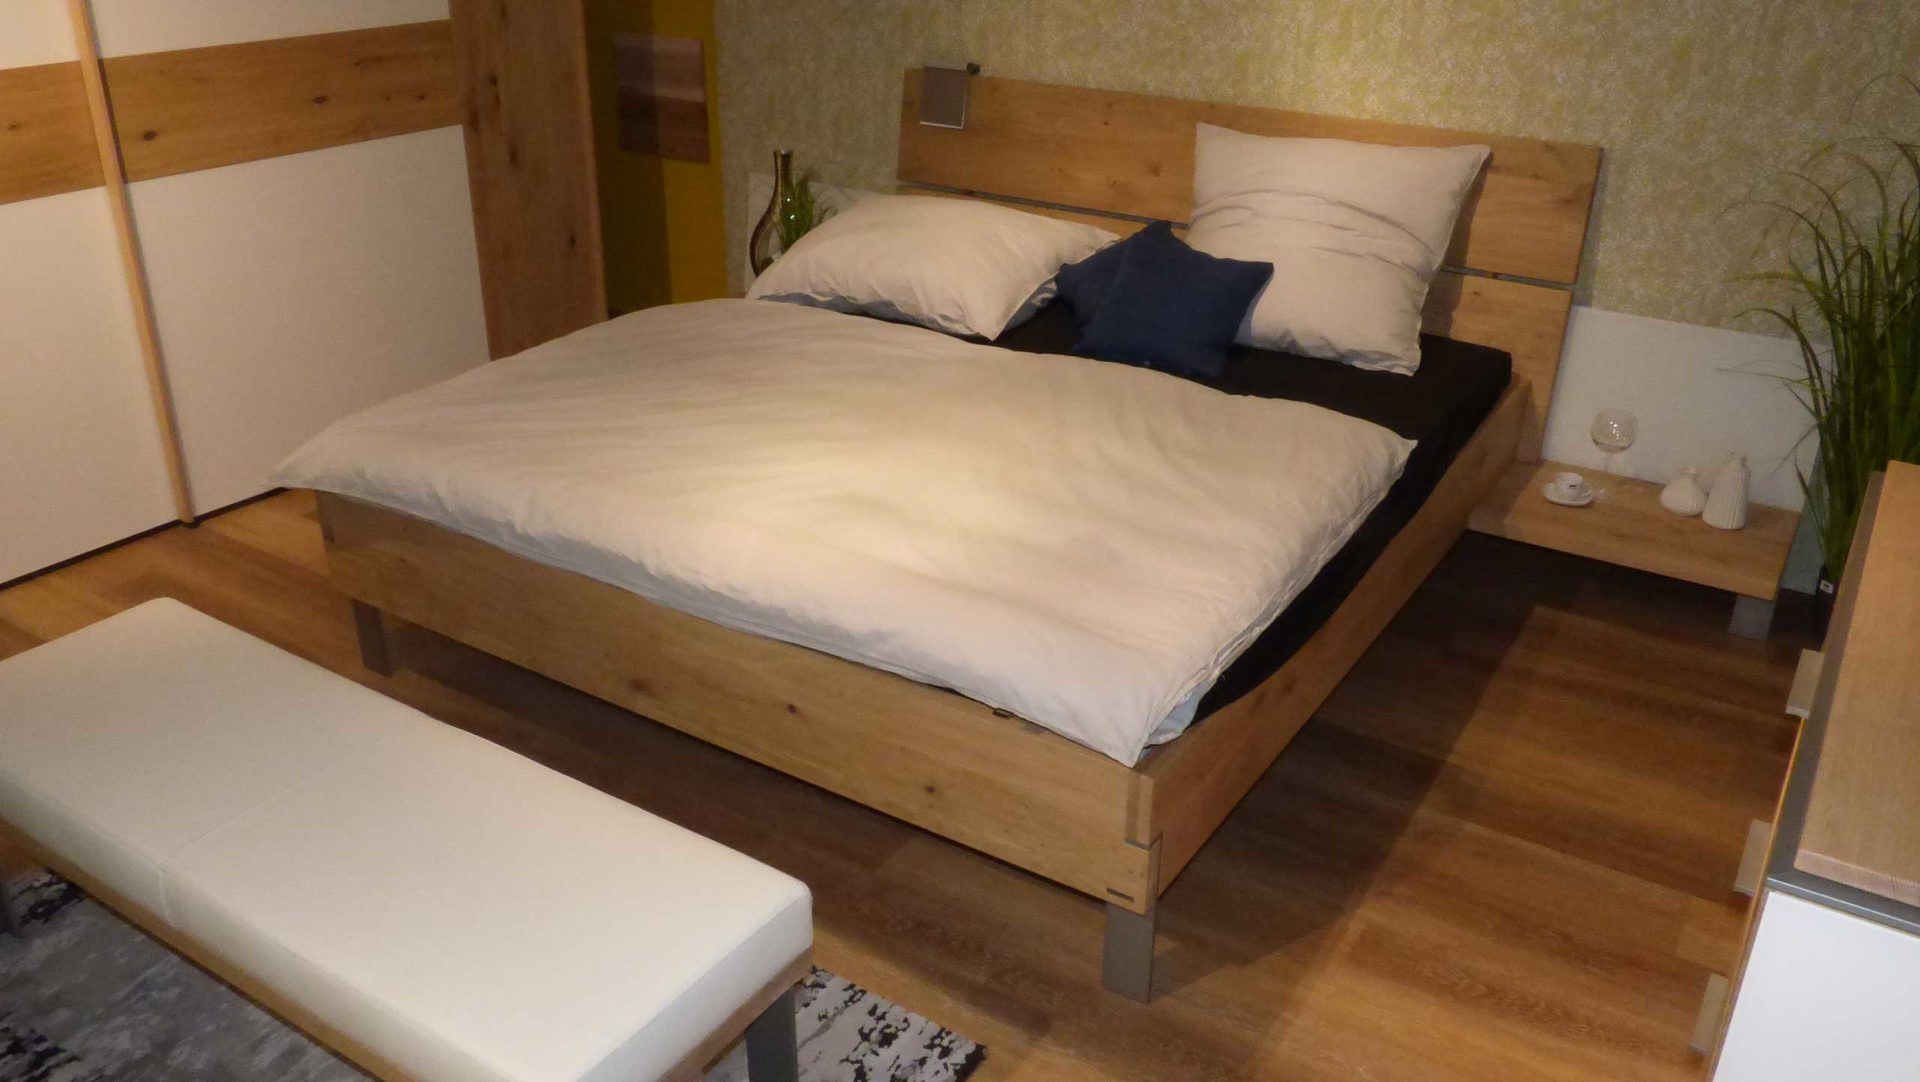 Thielemeyer Schlafzimmer Eiche massiv Bett 180 x 200 cm ...